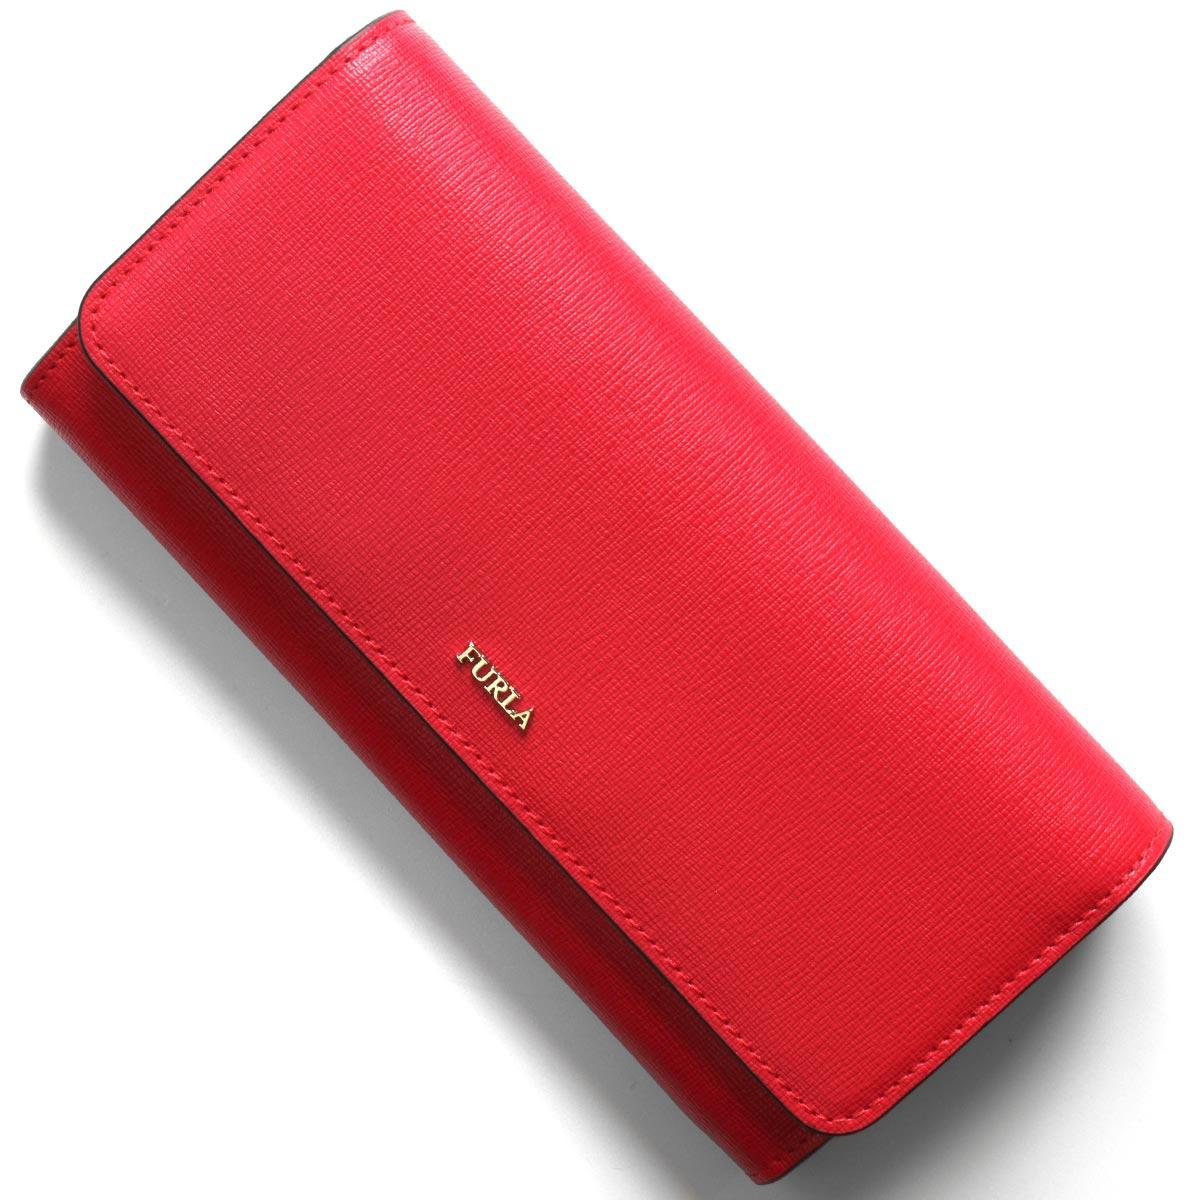 フルラ 長財布 財布 レディース バビロン エクストラ ラージ フラーゴラレッド PS12 B30 TJ9 1046220 FURLA